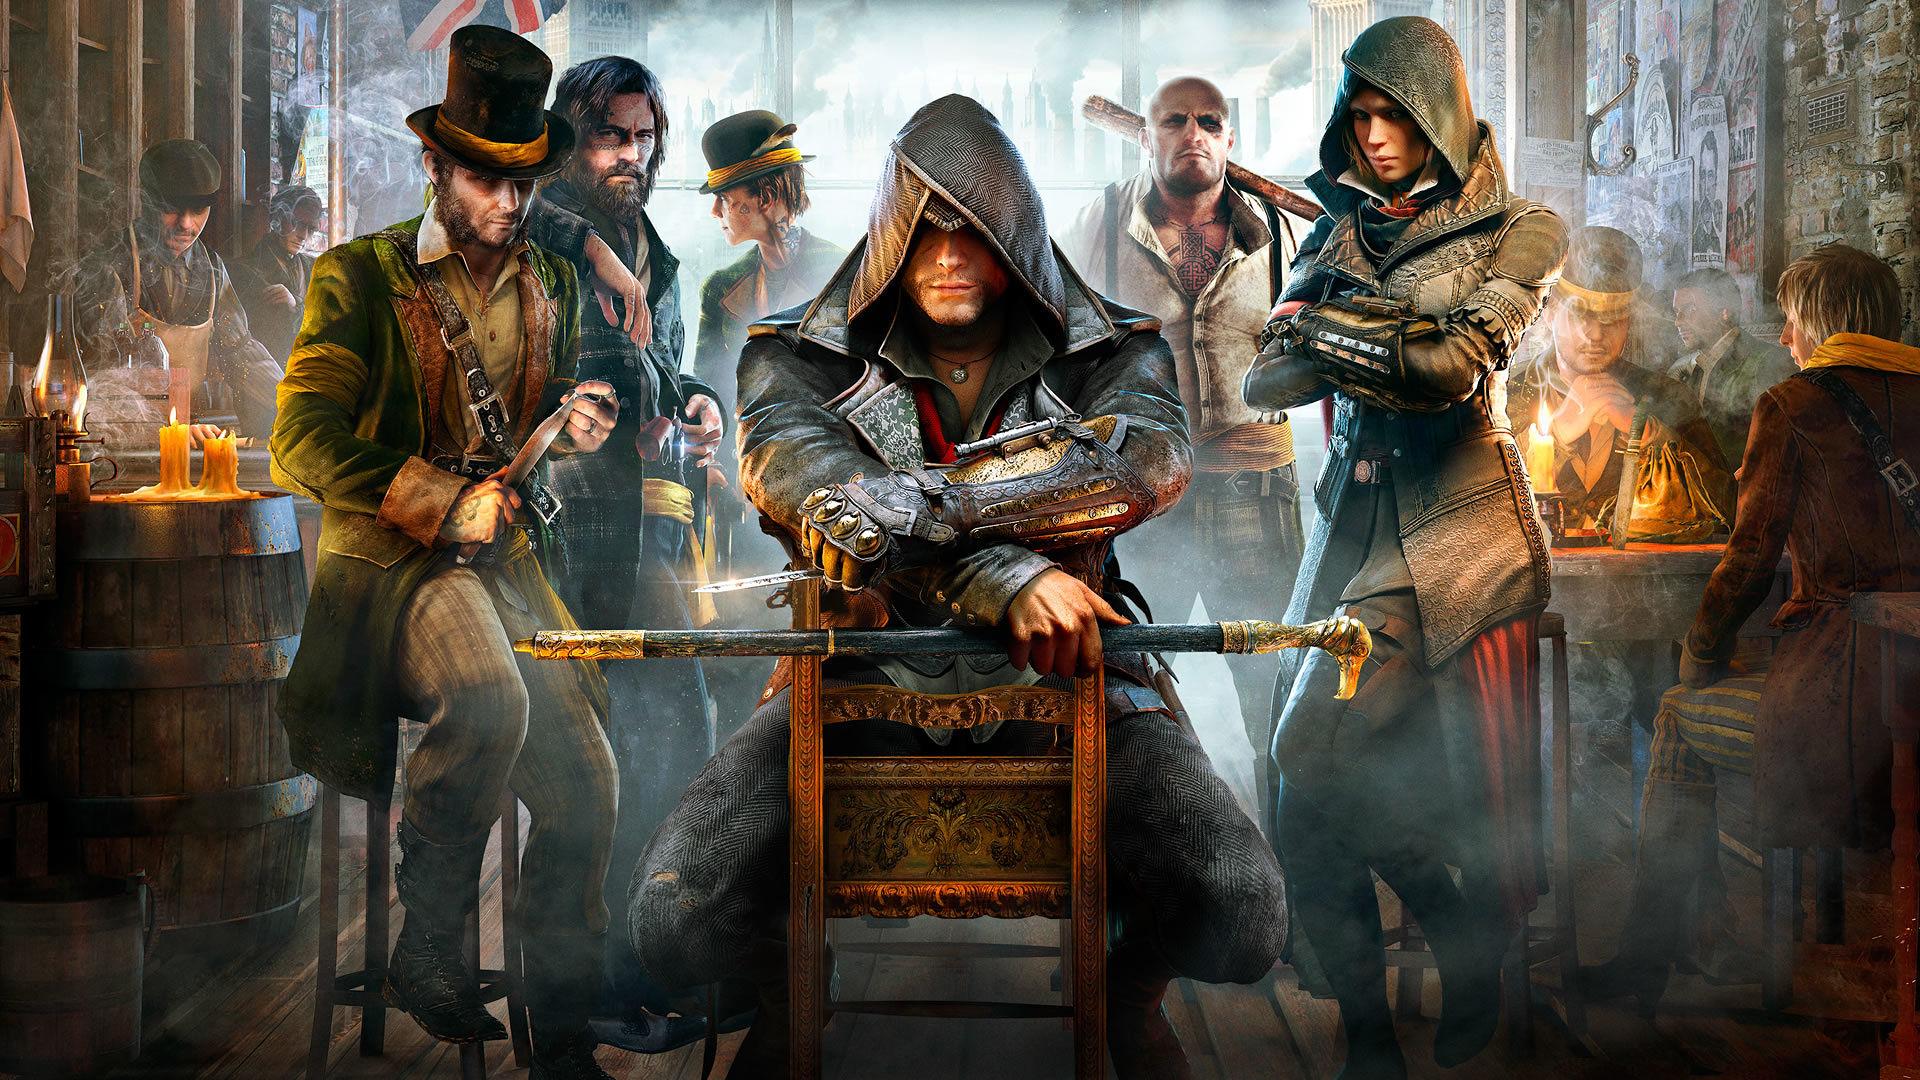 В магазине «Бука» стартовала распродажа игр Ubisoft — скидки на The Crew, Assassin's Creed, Far Cry и многое другое